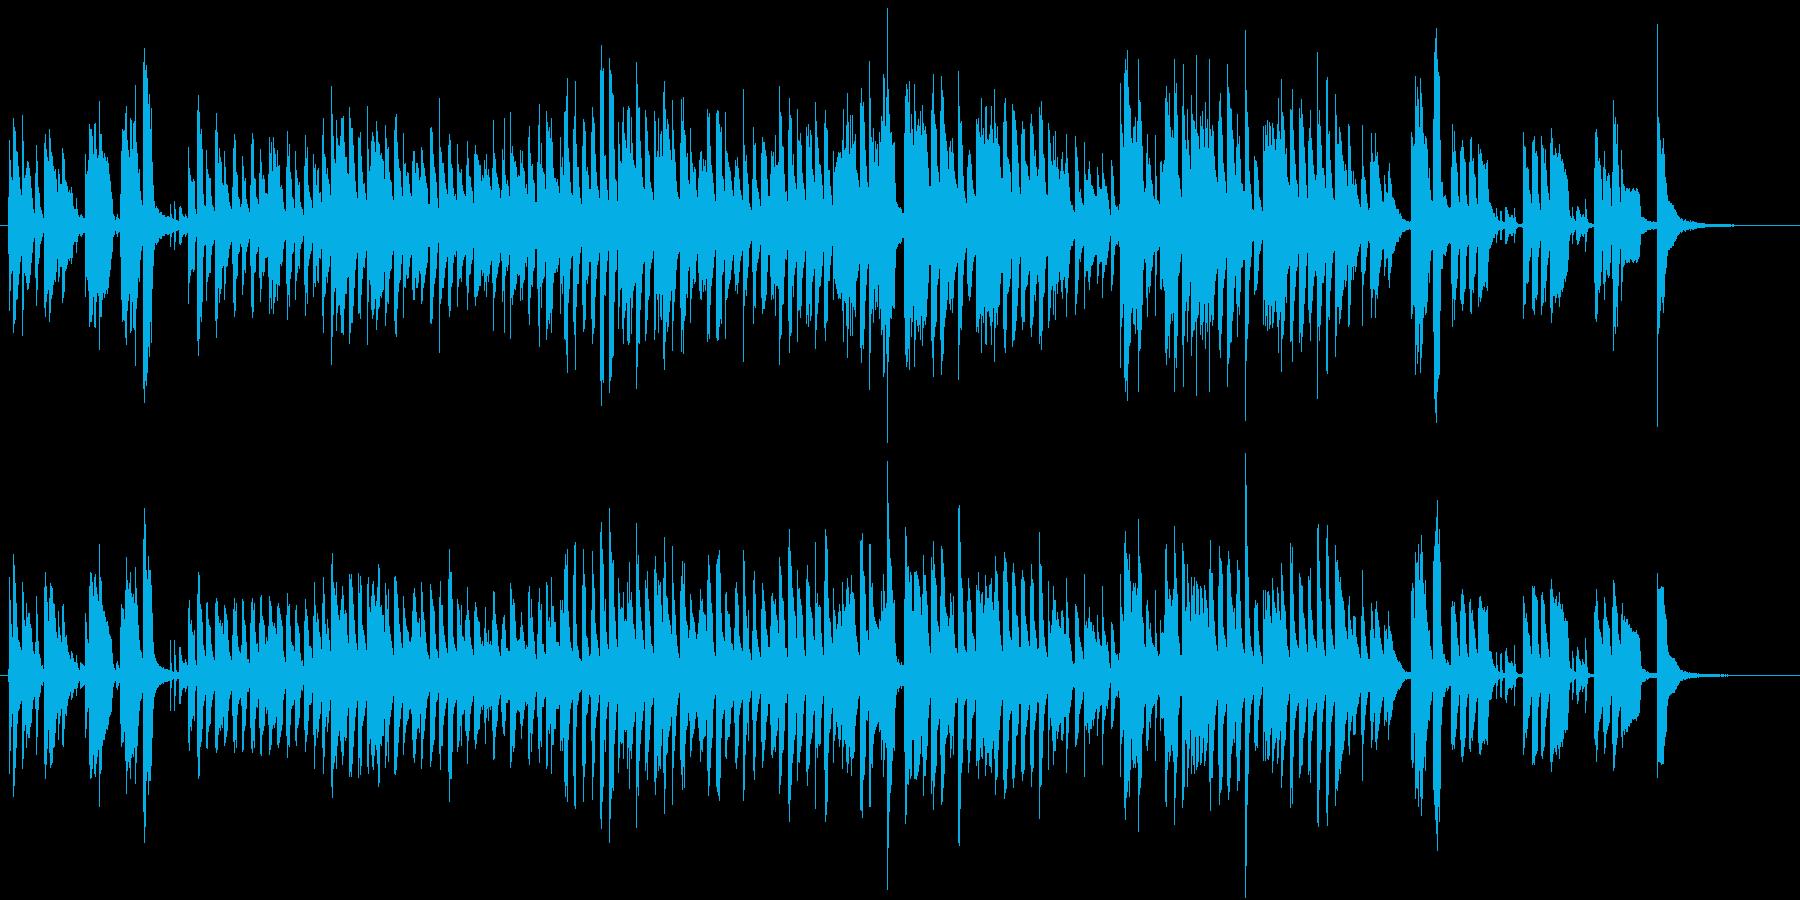 楽しいBGM(ドビッシーケルクウォーク)の再生済みの波形